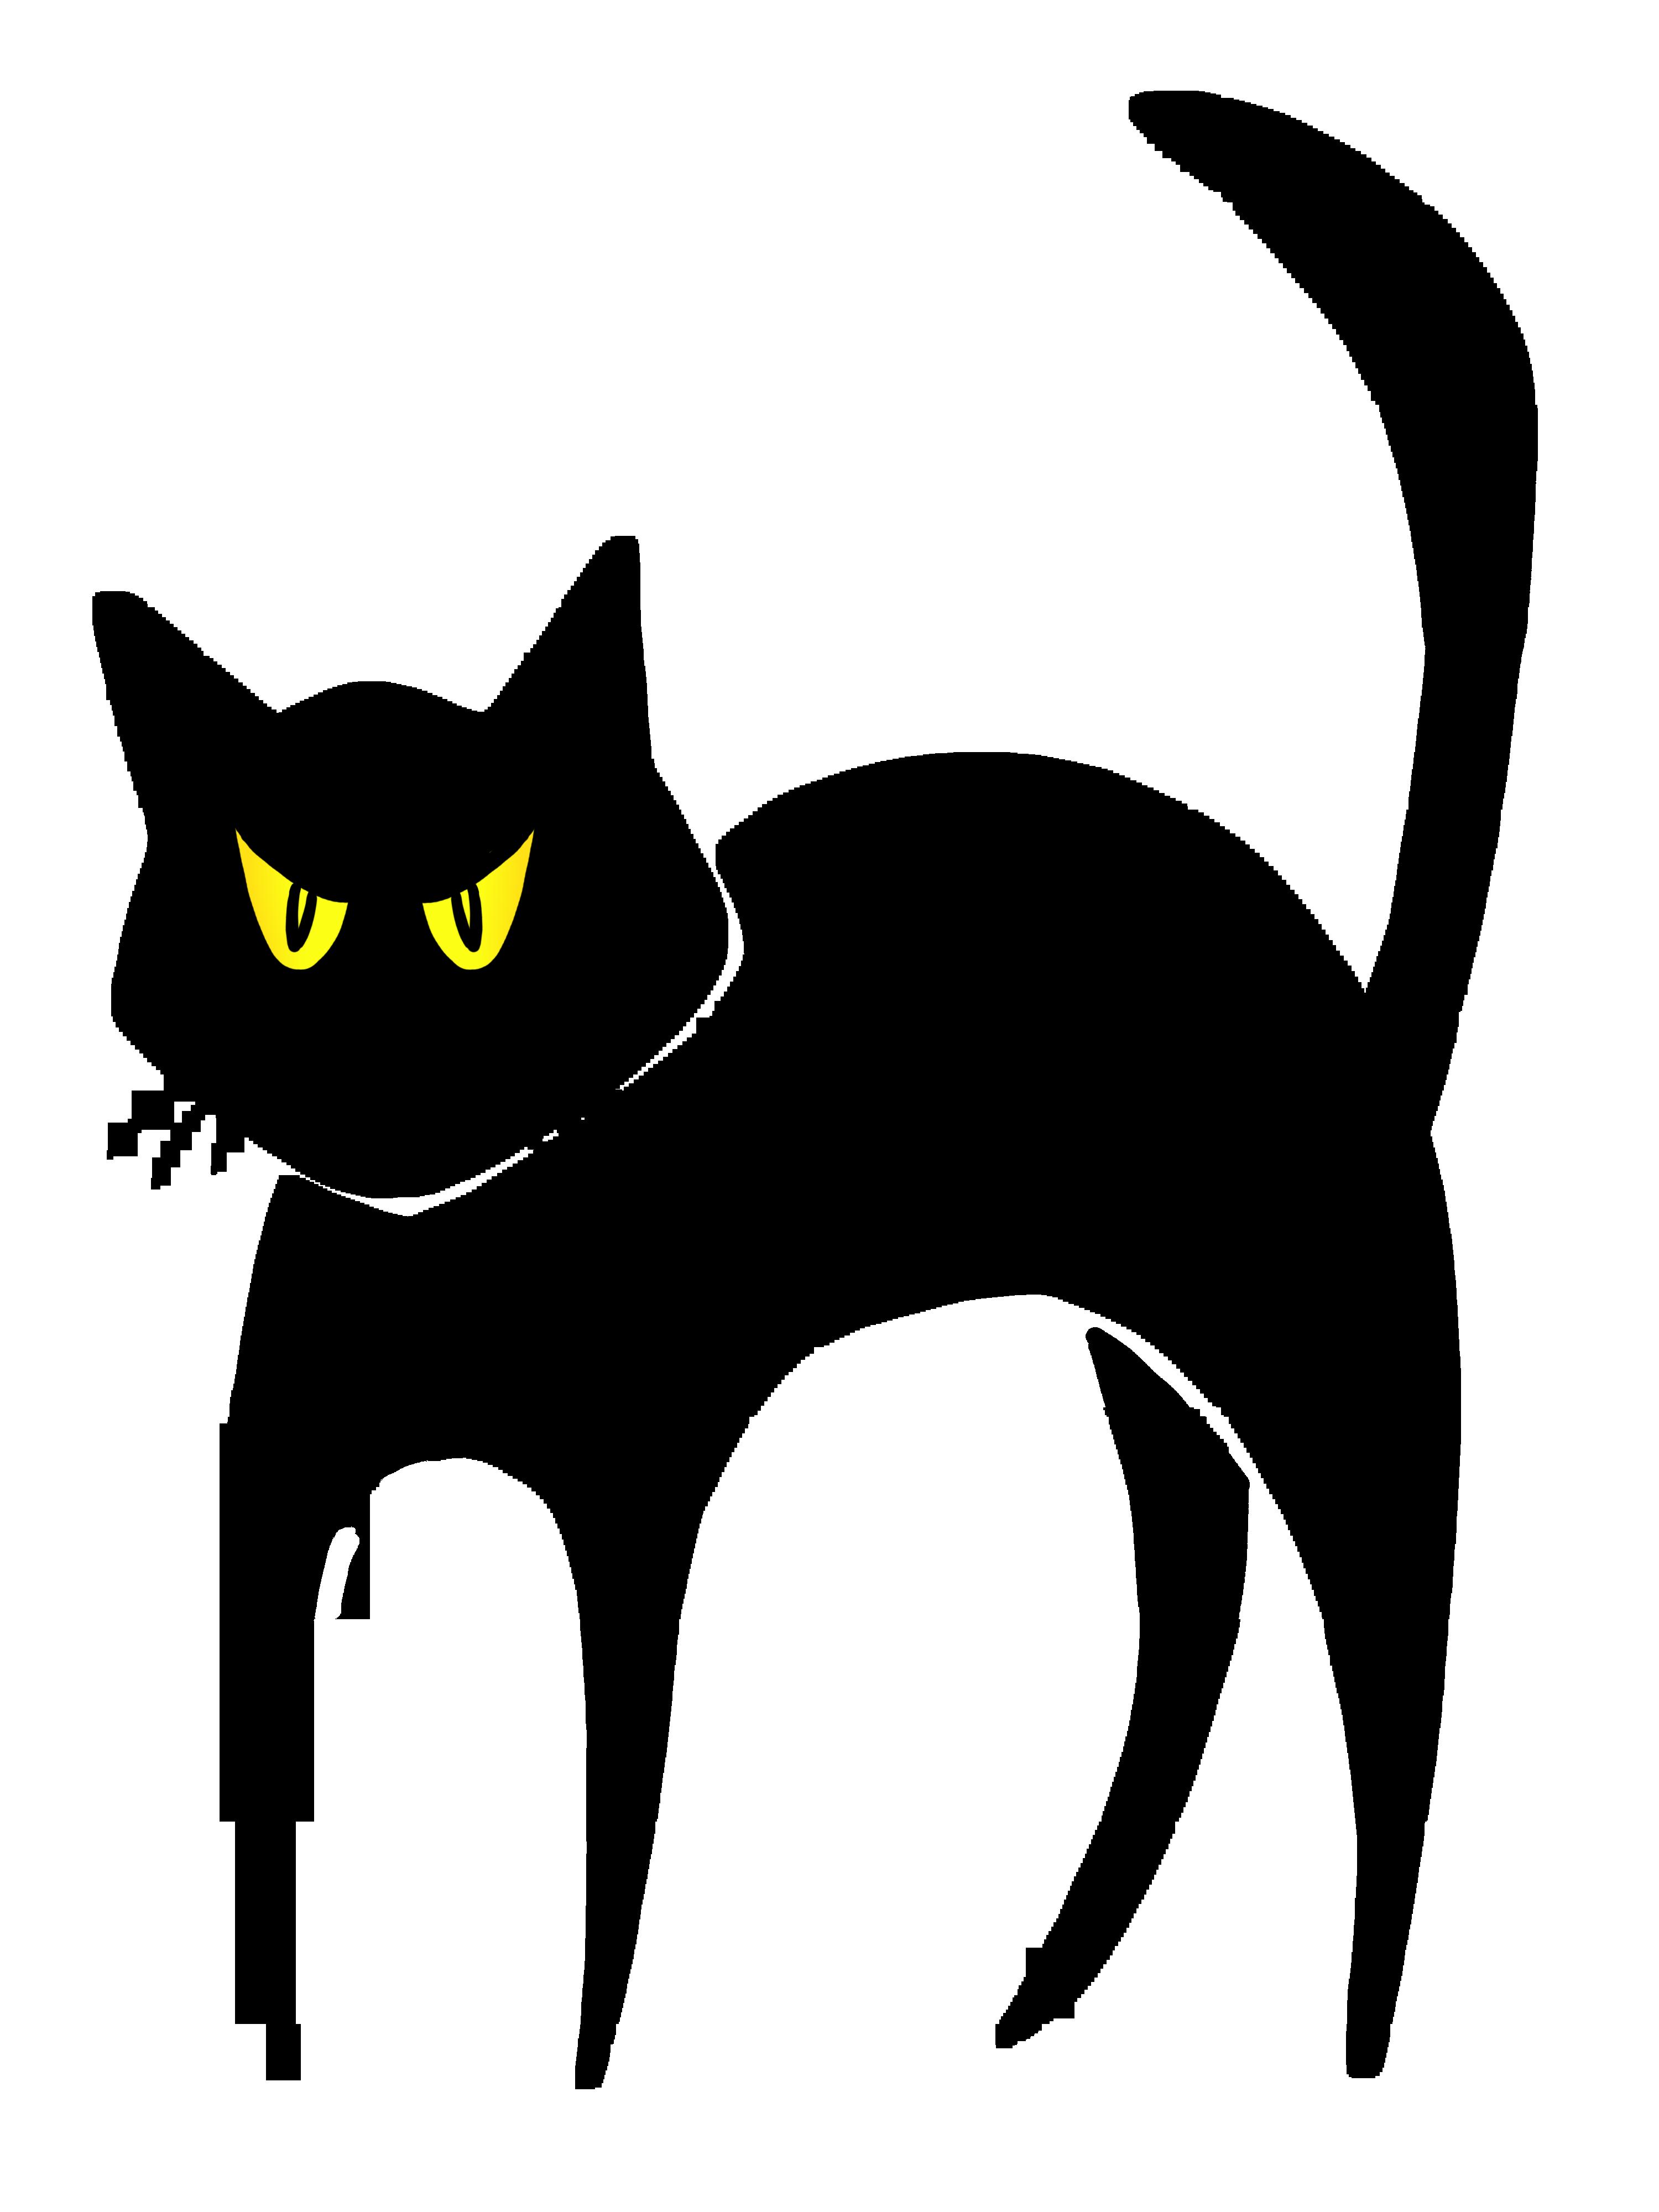 Sammlung schwarzer Katzenbilder (64)